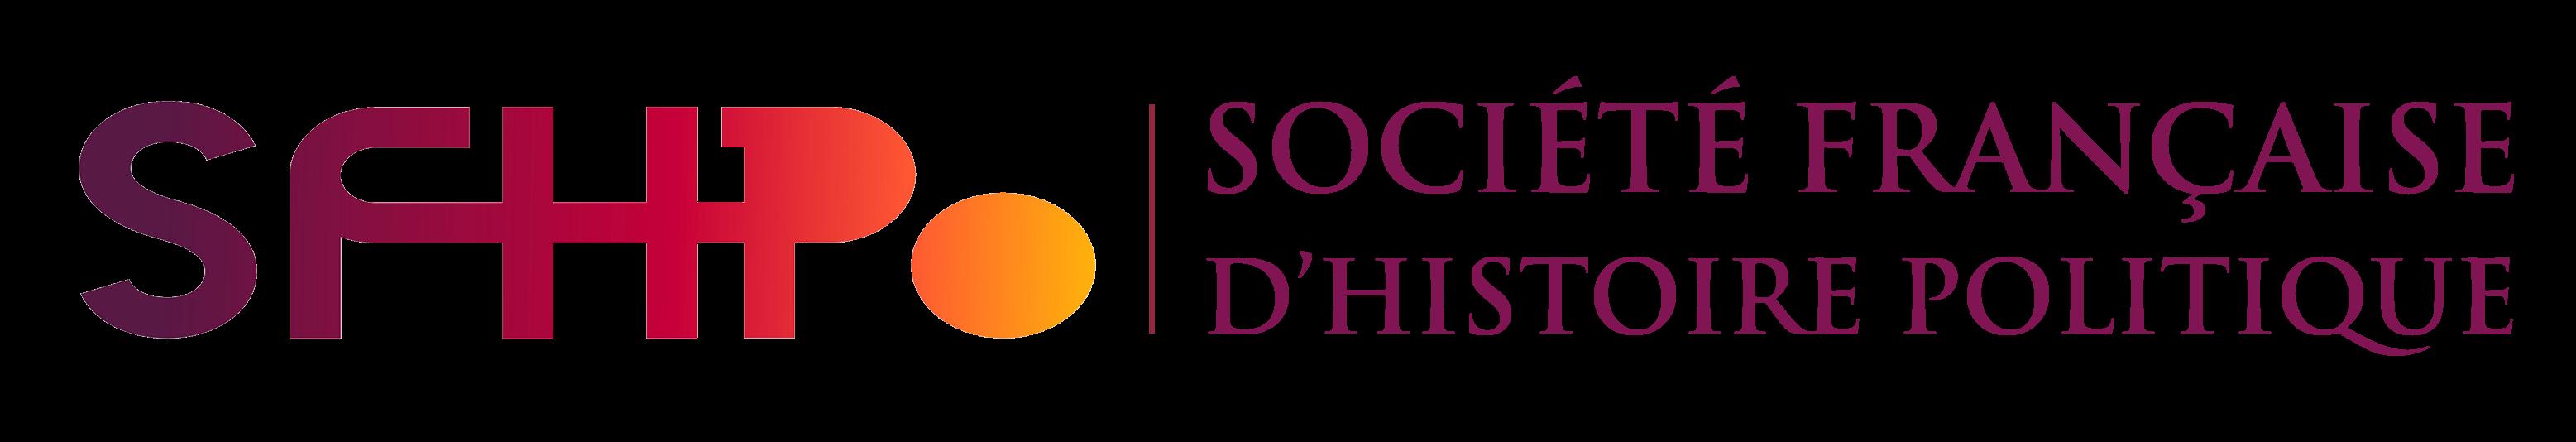 Société française d'histoire politique